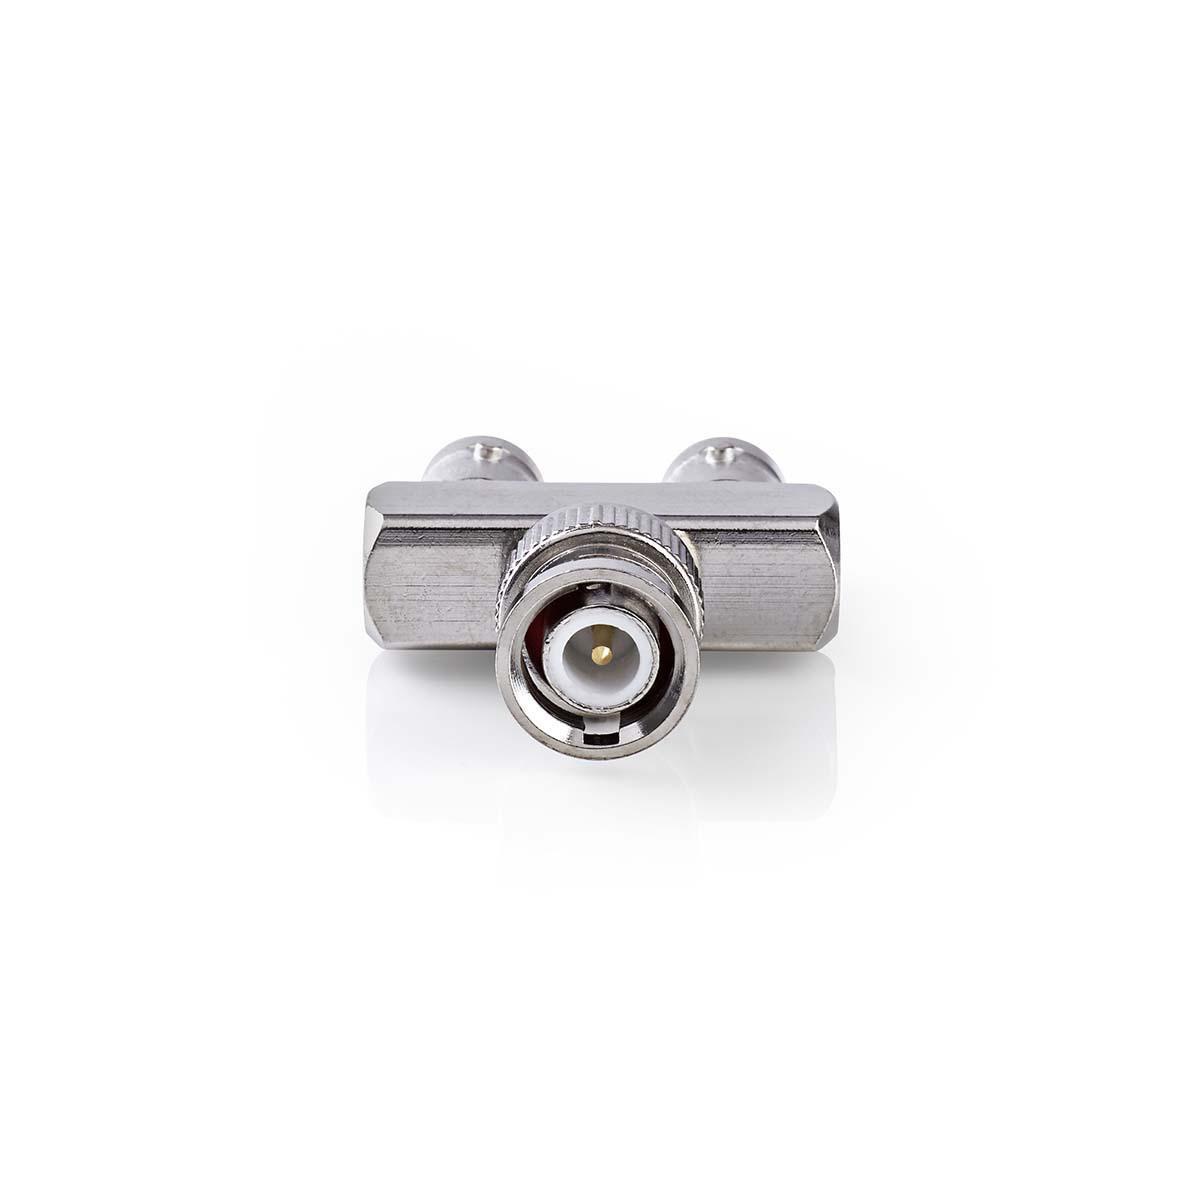 BNC plug naar 2x BNC kontra plug (Goalpost)<br /> <br /> Inhoud verpakking<br /> 1x adapter